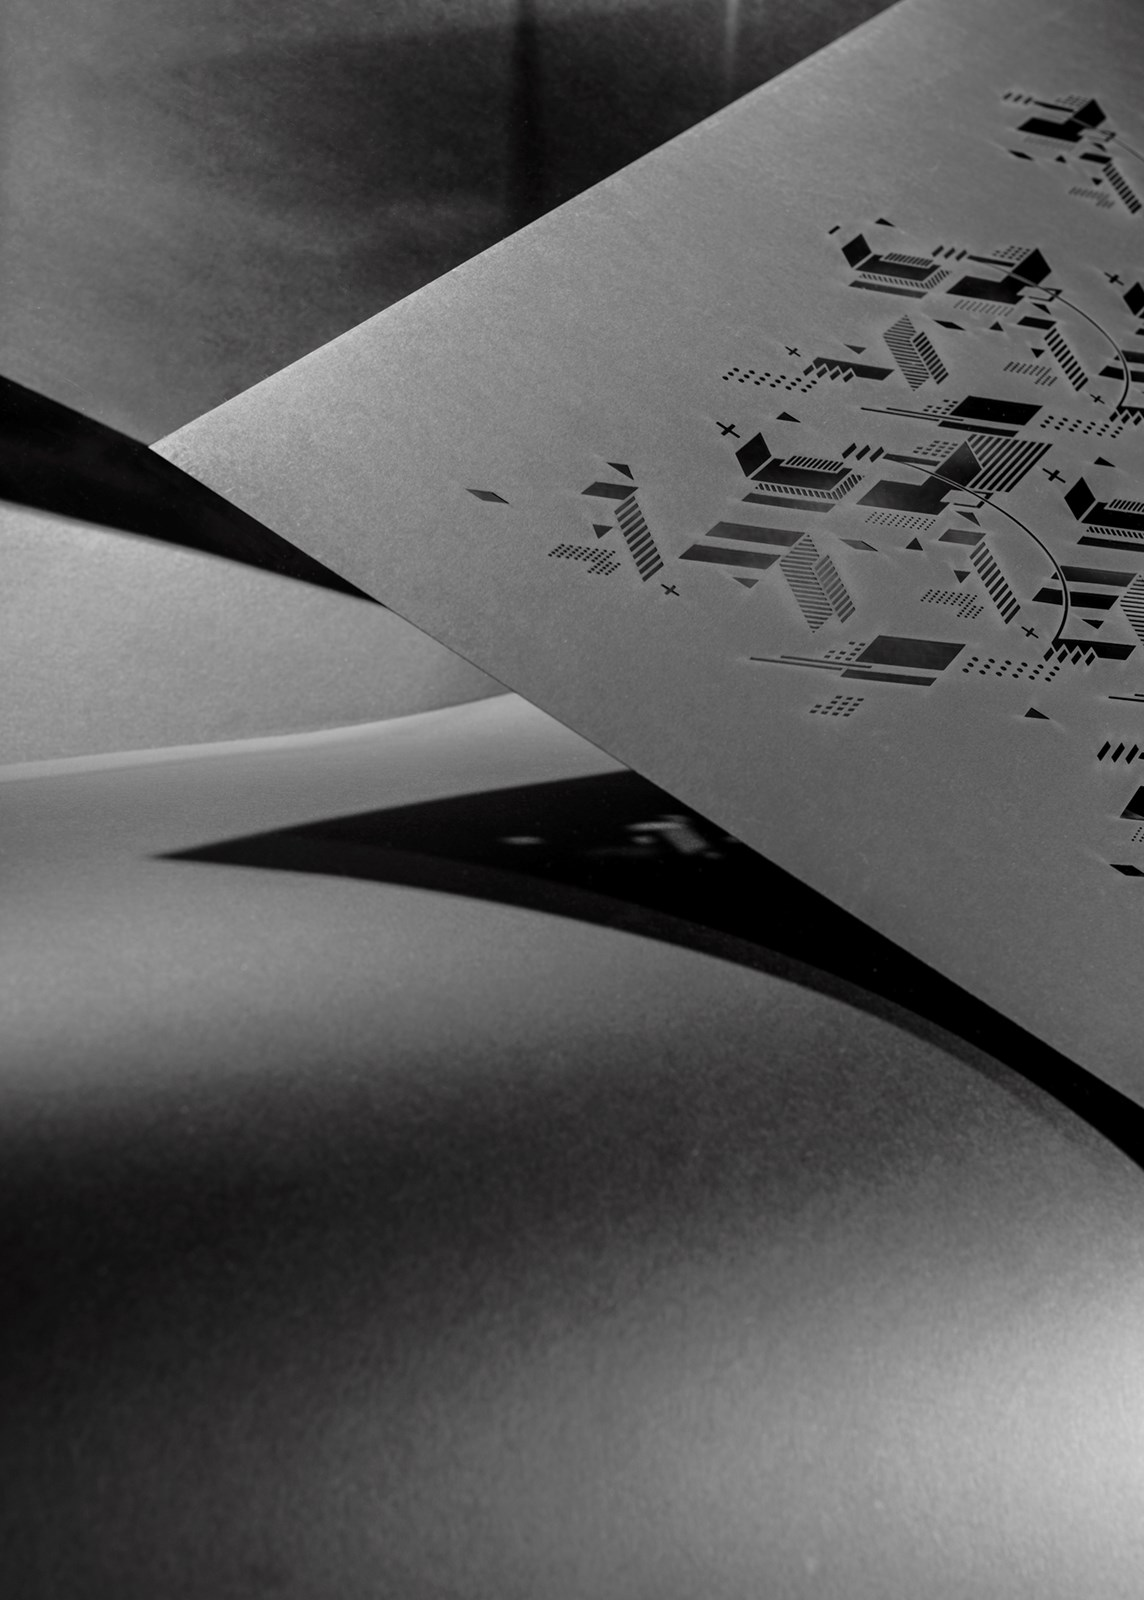 Graphisme, Poster, Création graphique, identité visuelle, mise en page, flyers, Graphic design, Genève, Geneva, Découpe laser, Concours, Sonderegger